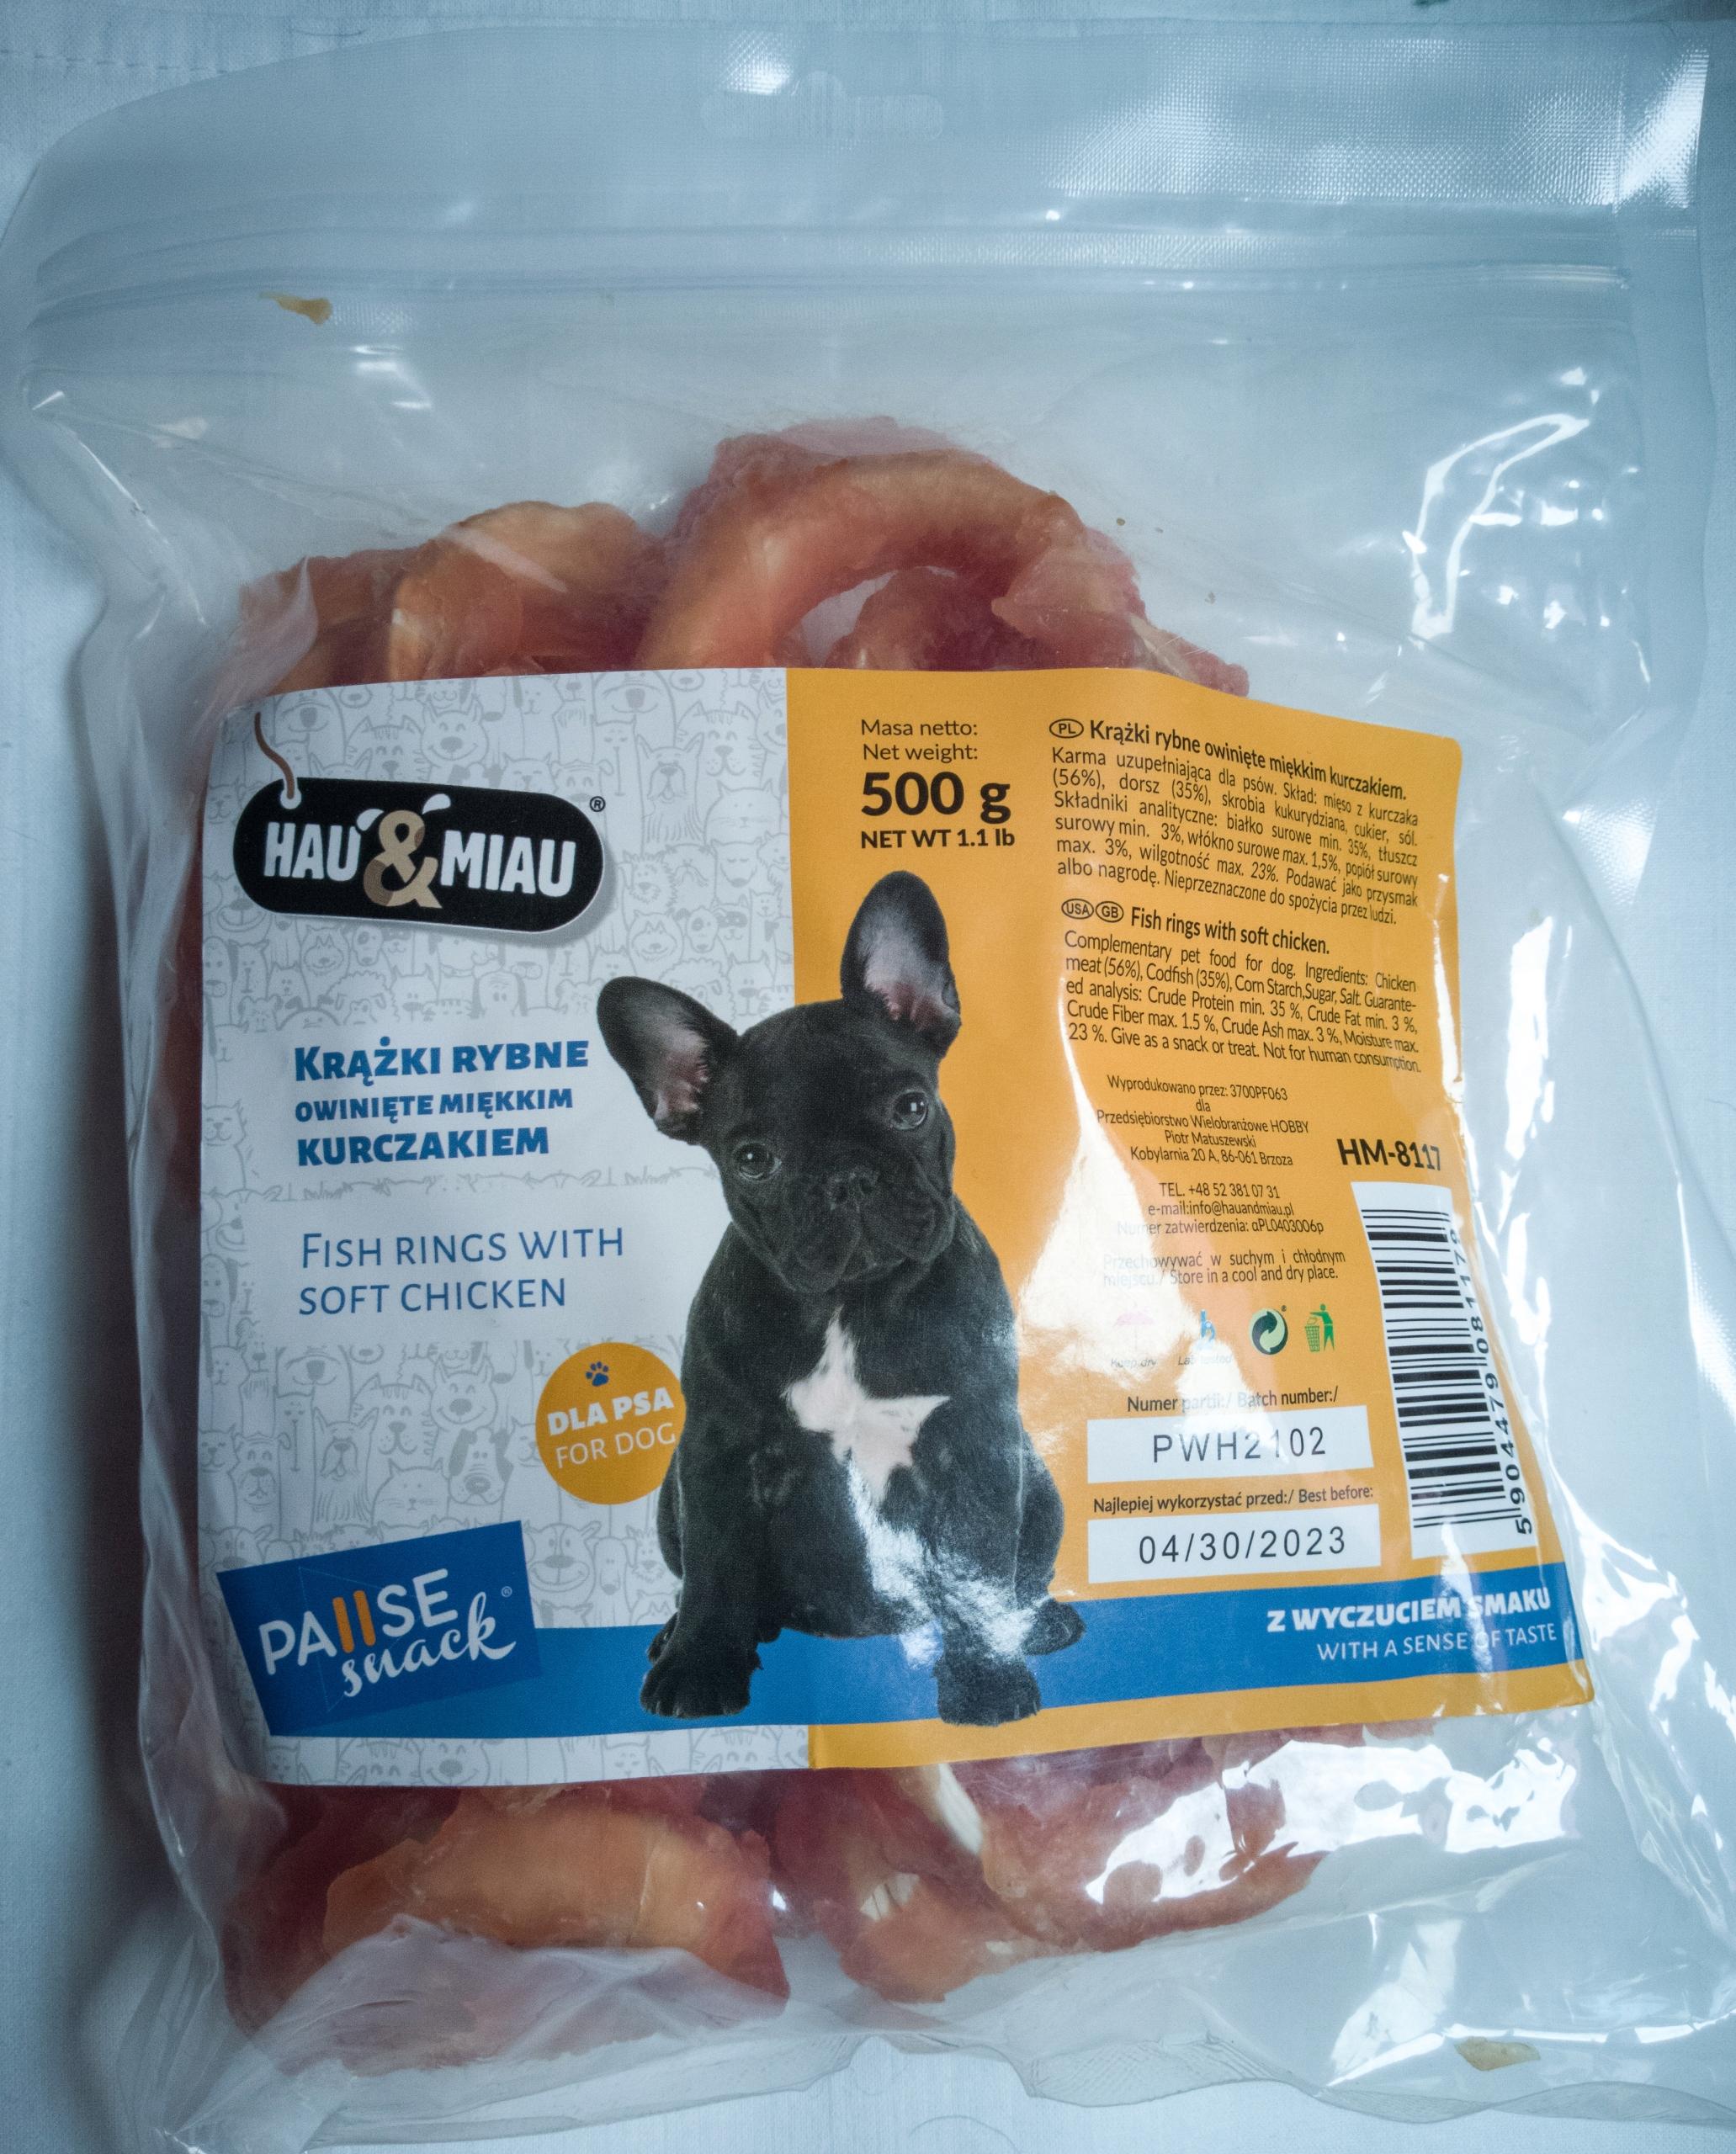 Рыбные кольца Hau & Miau в упаковке с курицей 500г